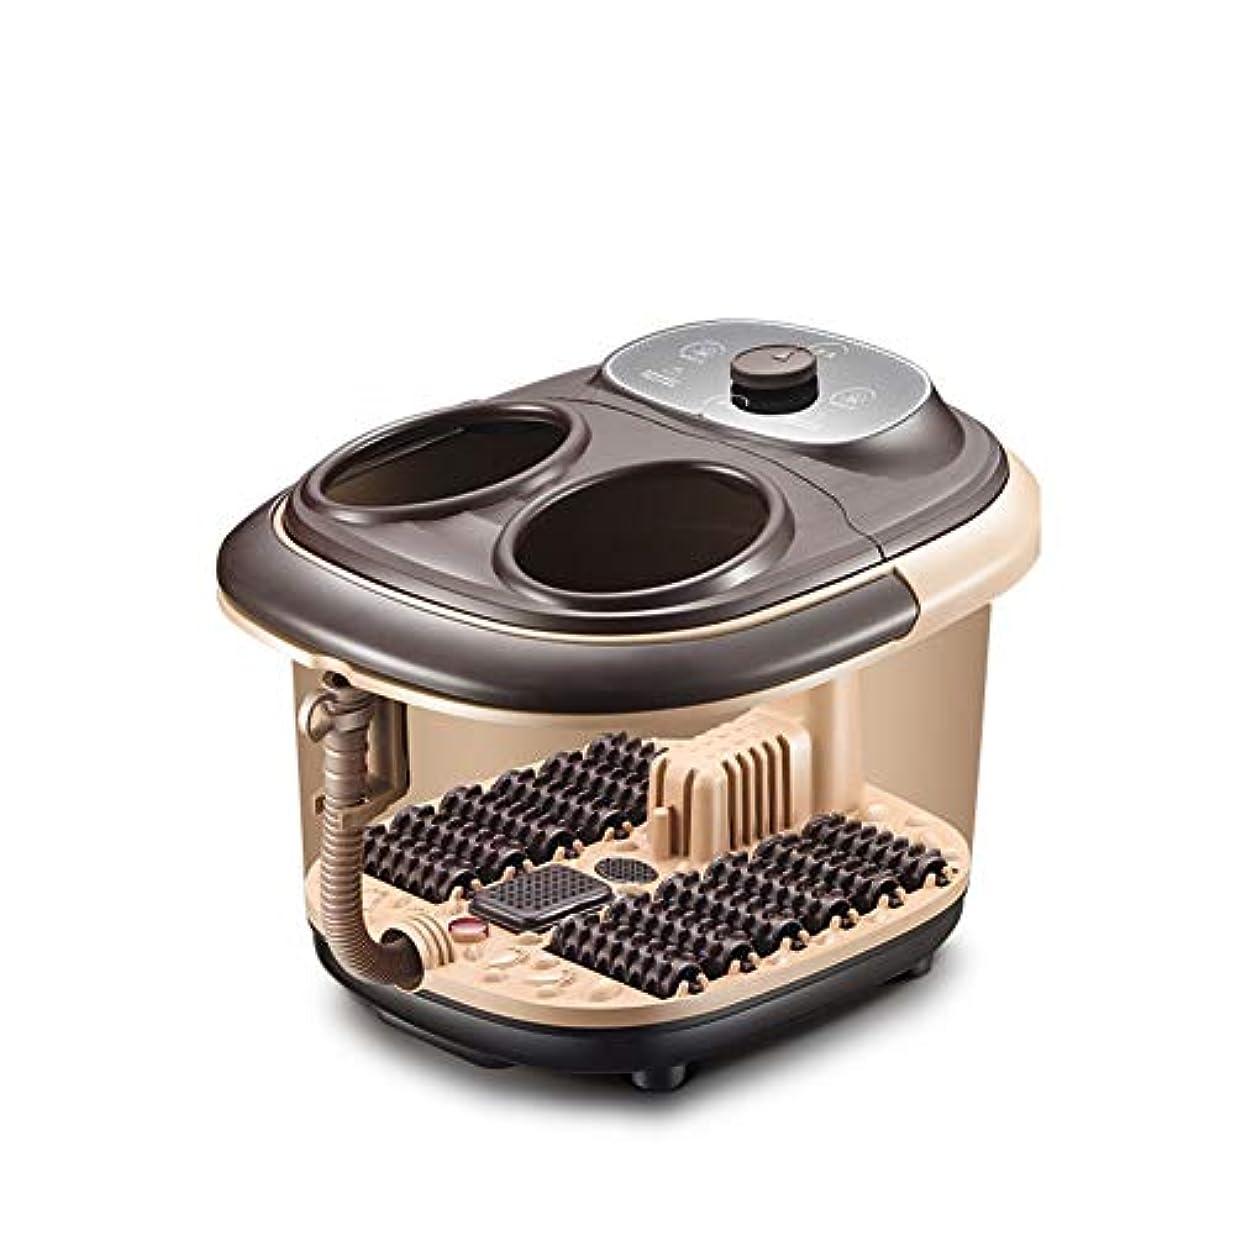 甥弾力性のある家族マッサージ フットバス,足湯 熱を持つ,comfortology リークプルーフ 赤外線を和らげる 薬ボックス ハンドルを運ぶ-a 38x32x45cm(15x13x18inch)